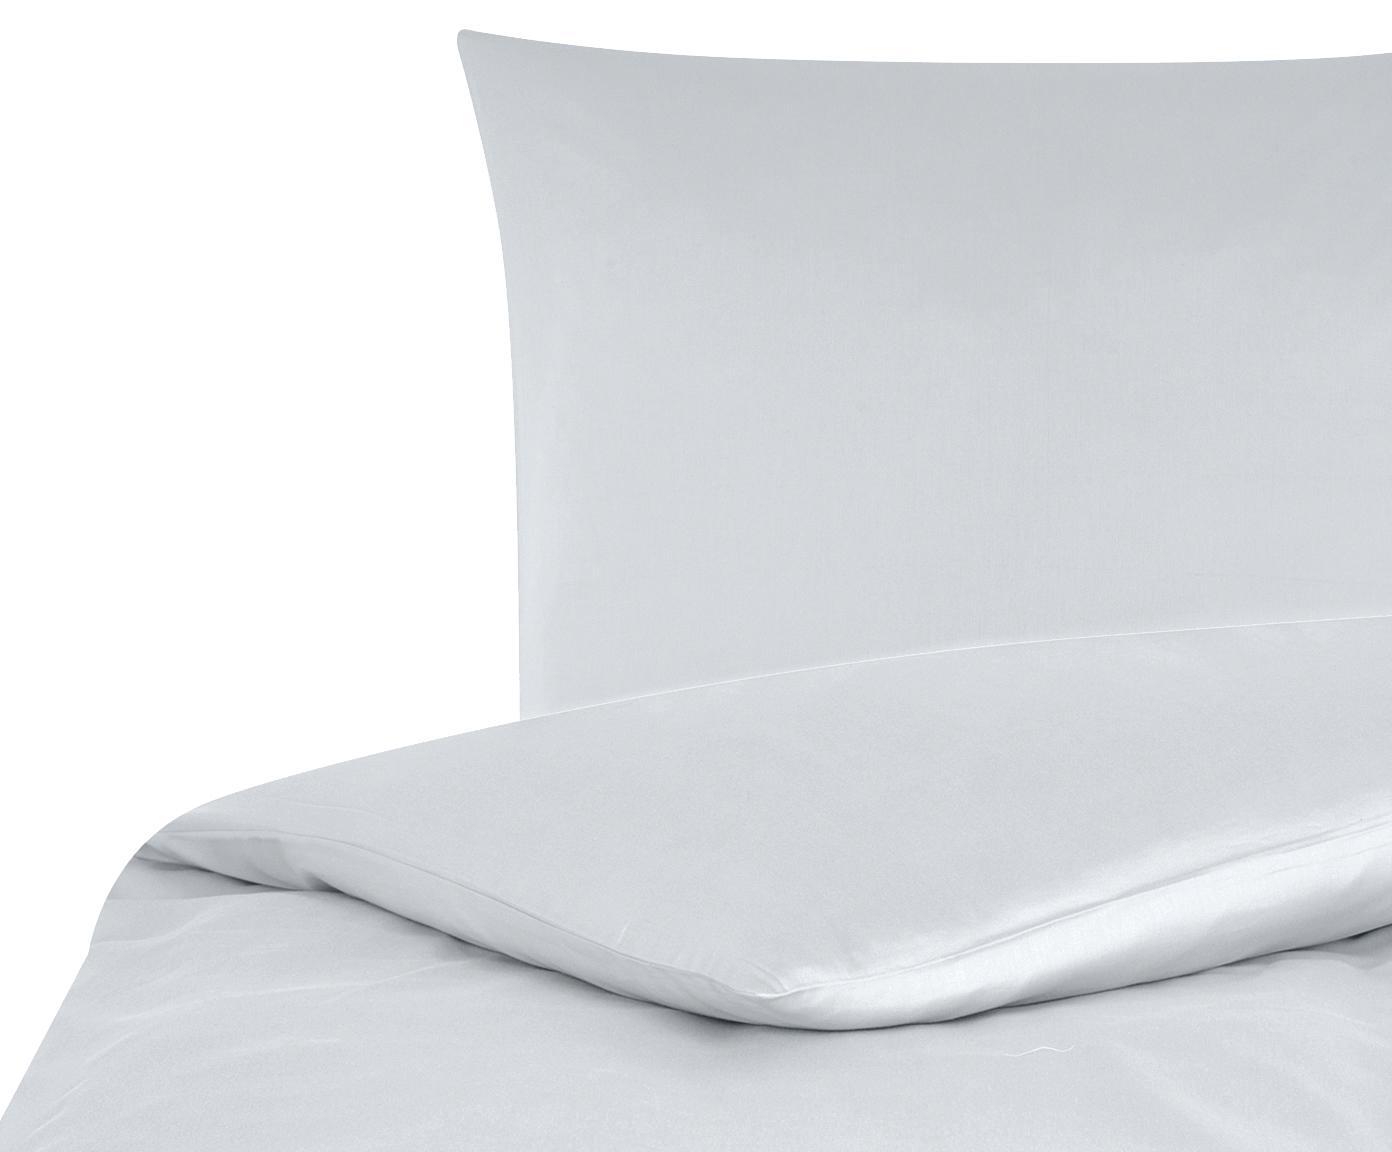 Parure copripiumino in raso di cotone Comfort, Grigio chiaro, 255 x 200 cm